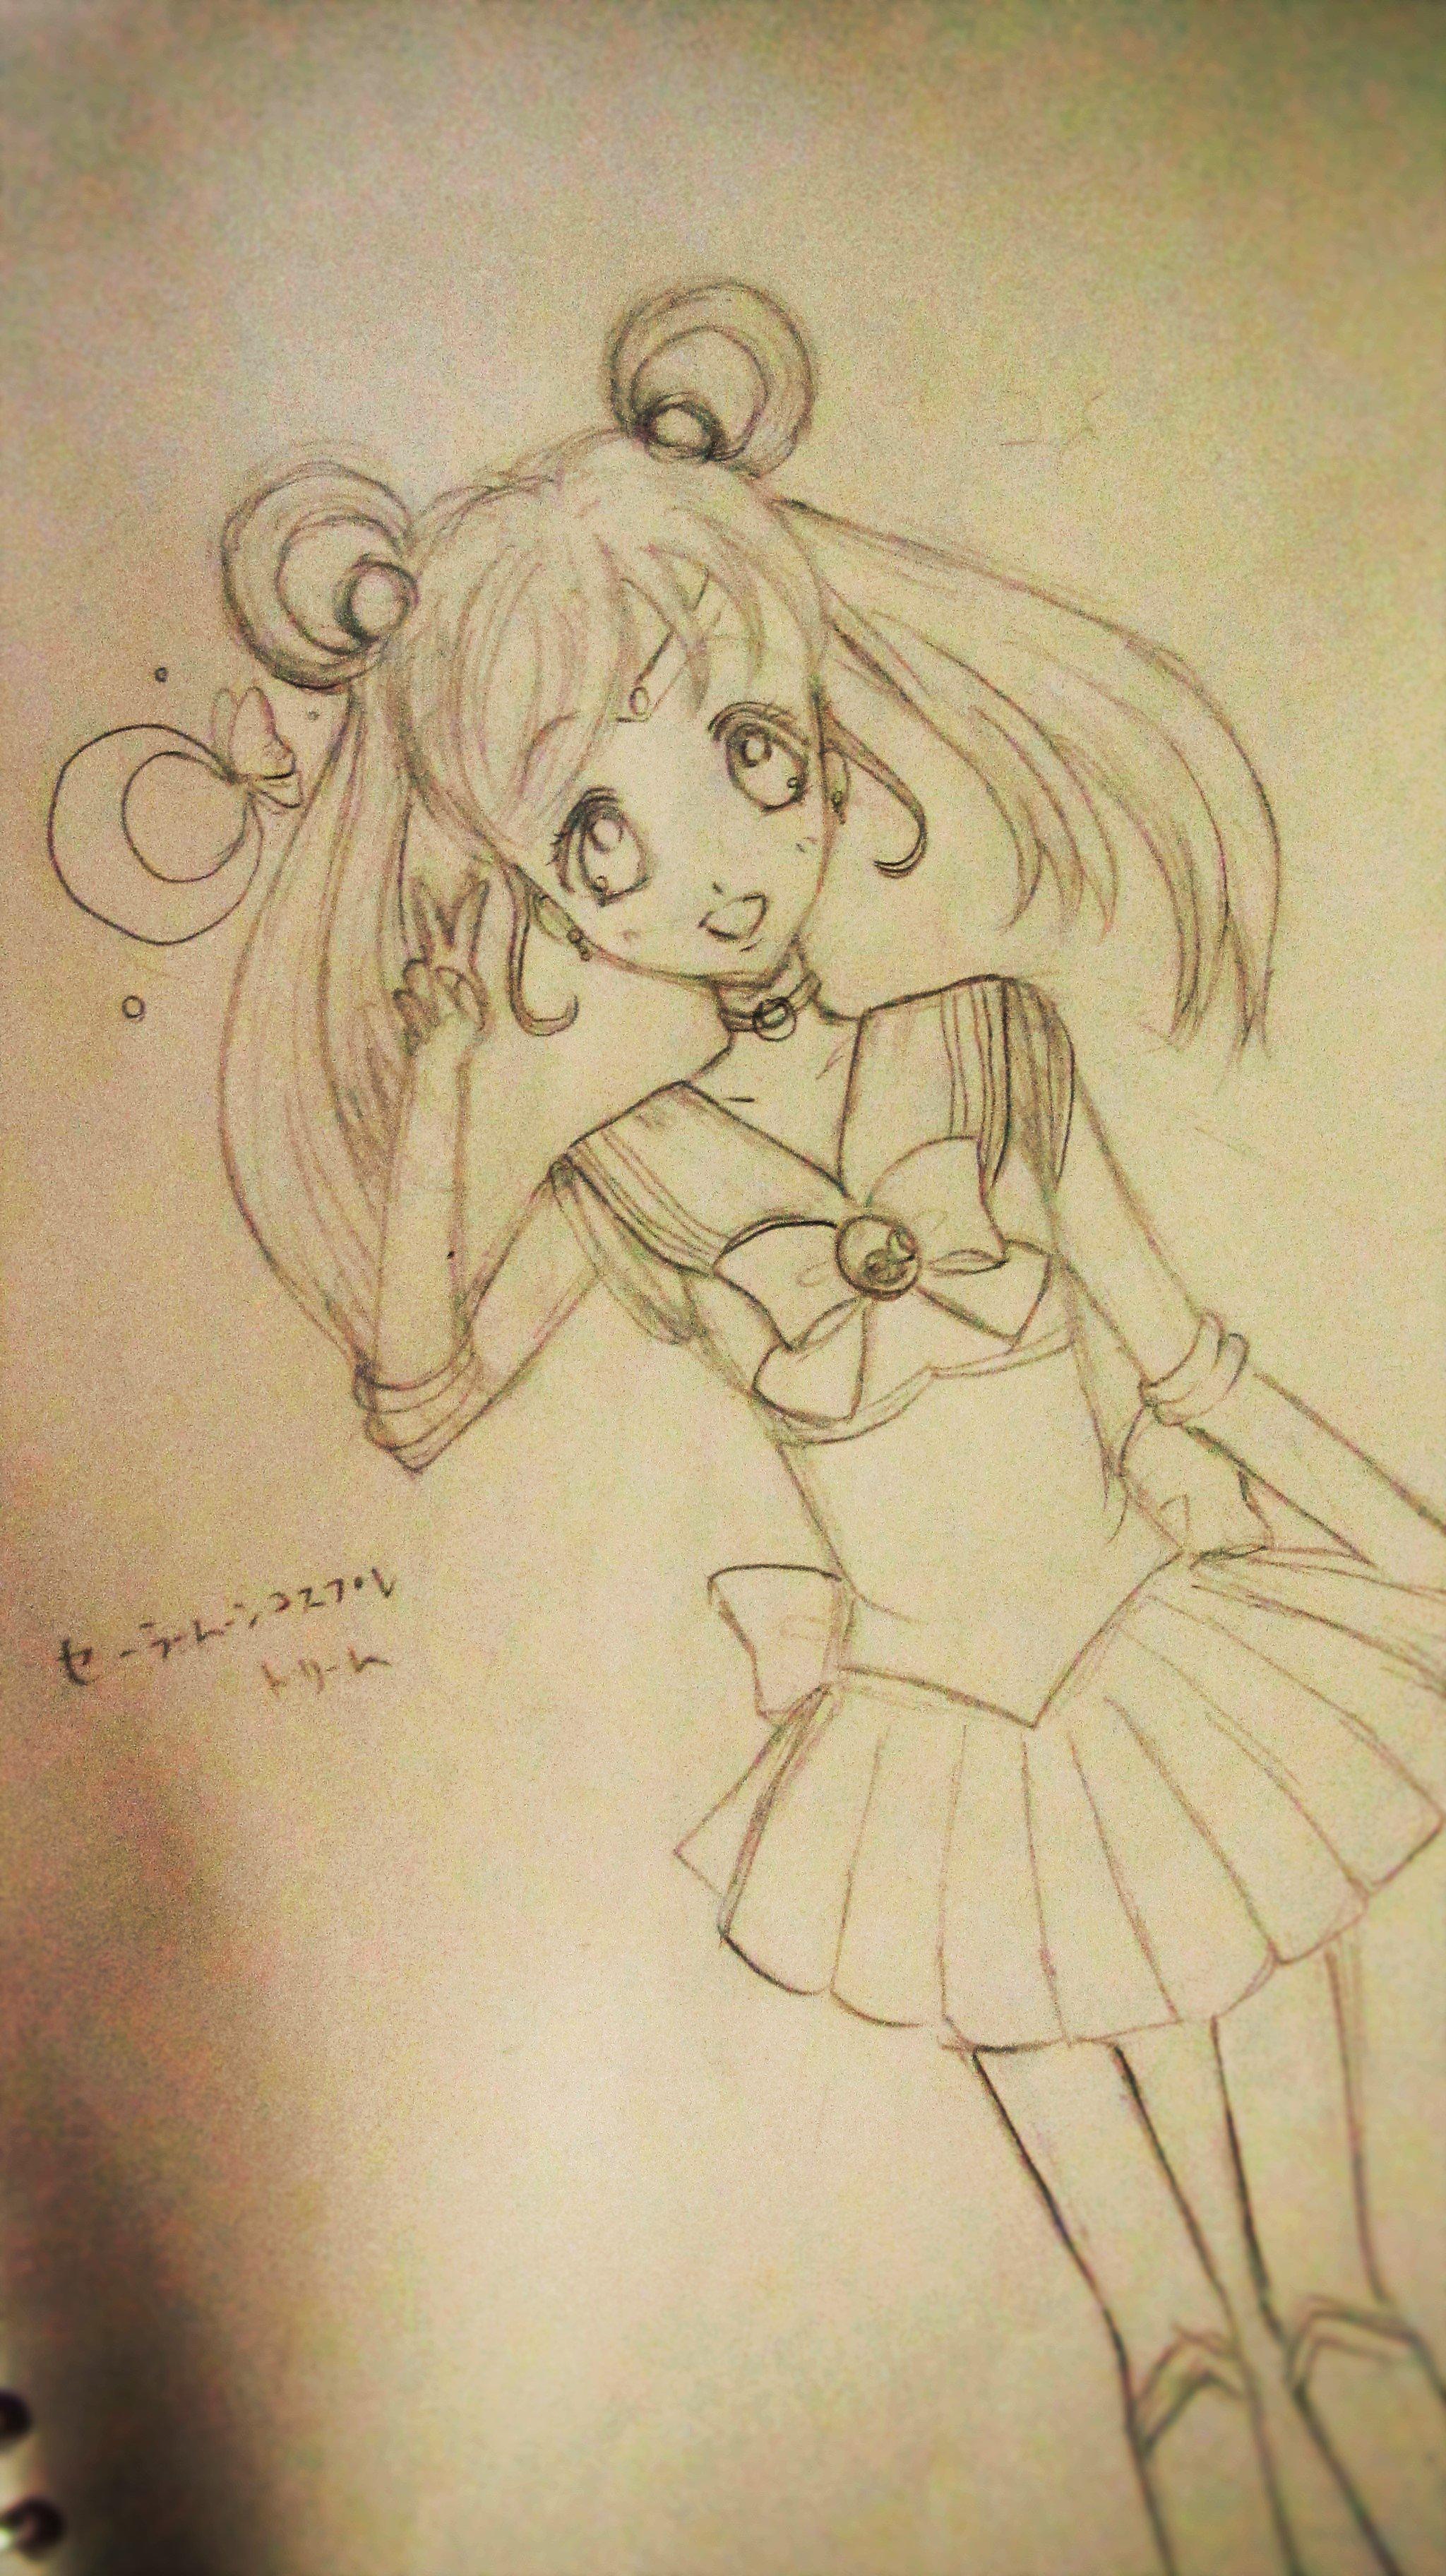 柚姫@《声真似:工藤有希子》 (@magicdream376)さんのイラスト